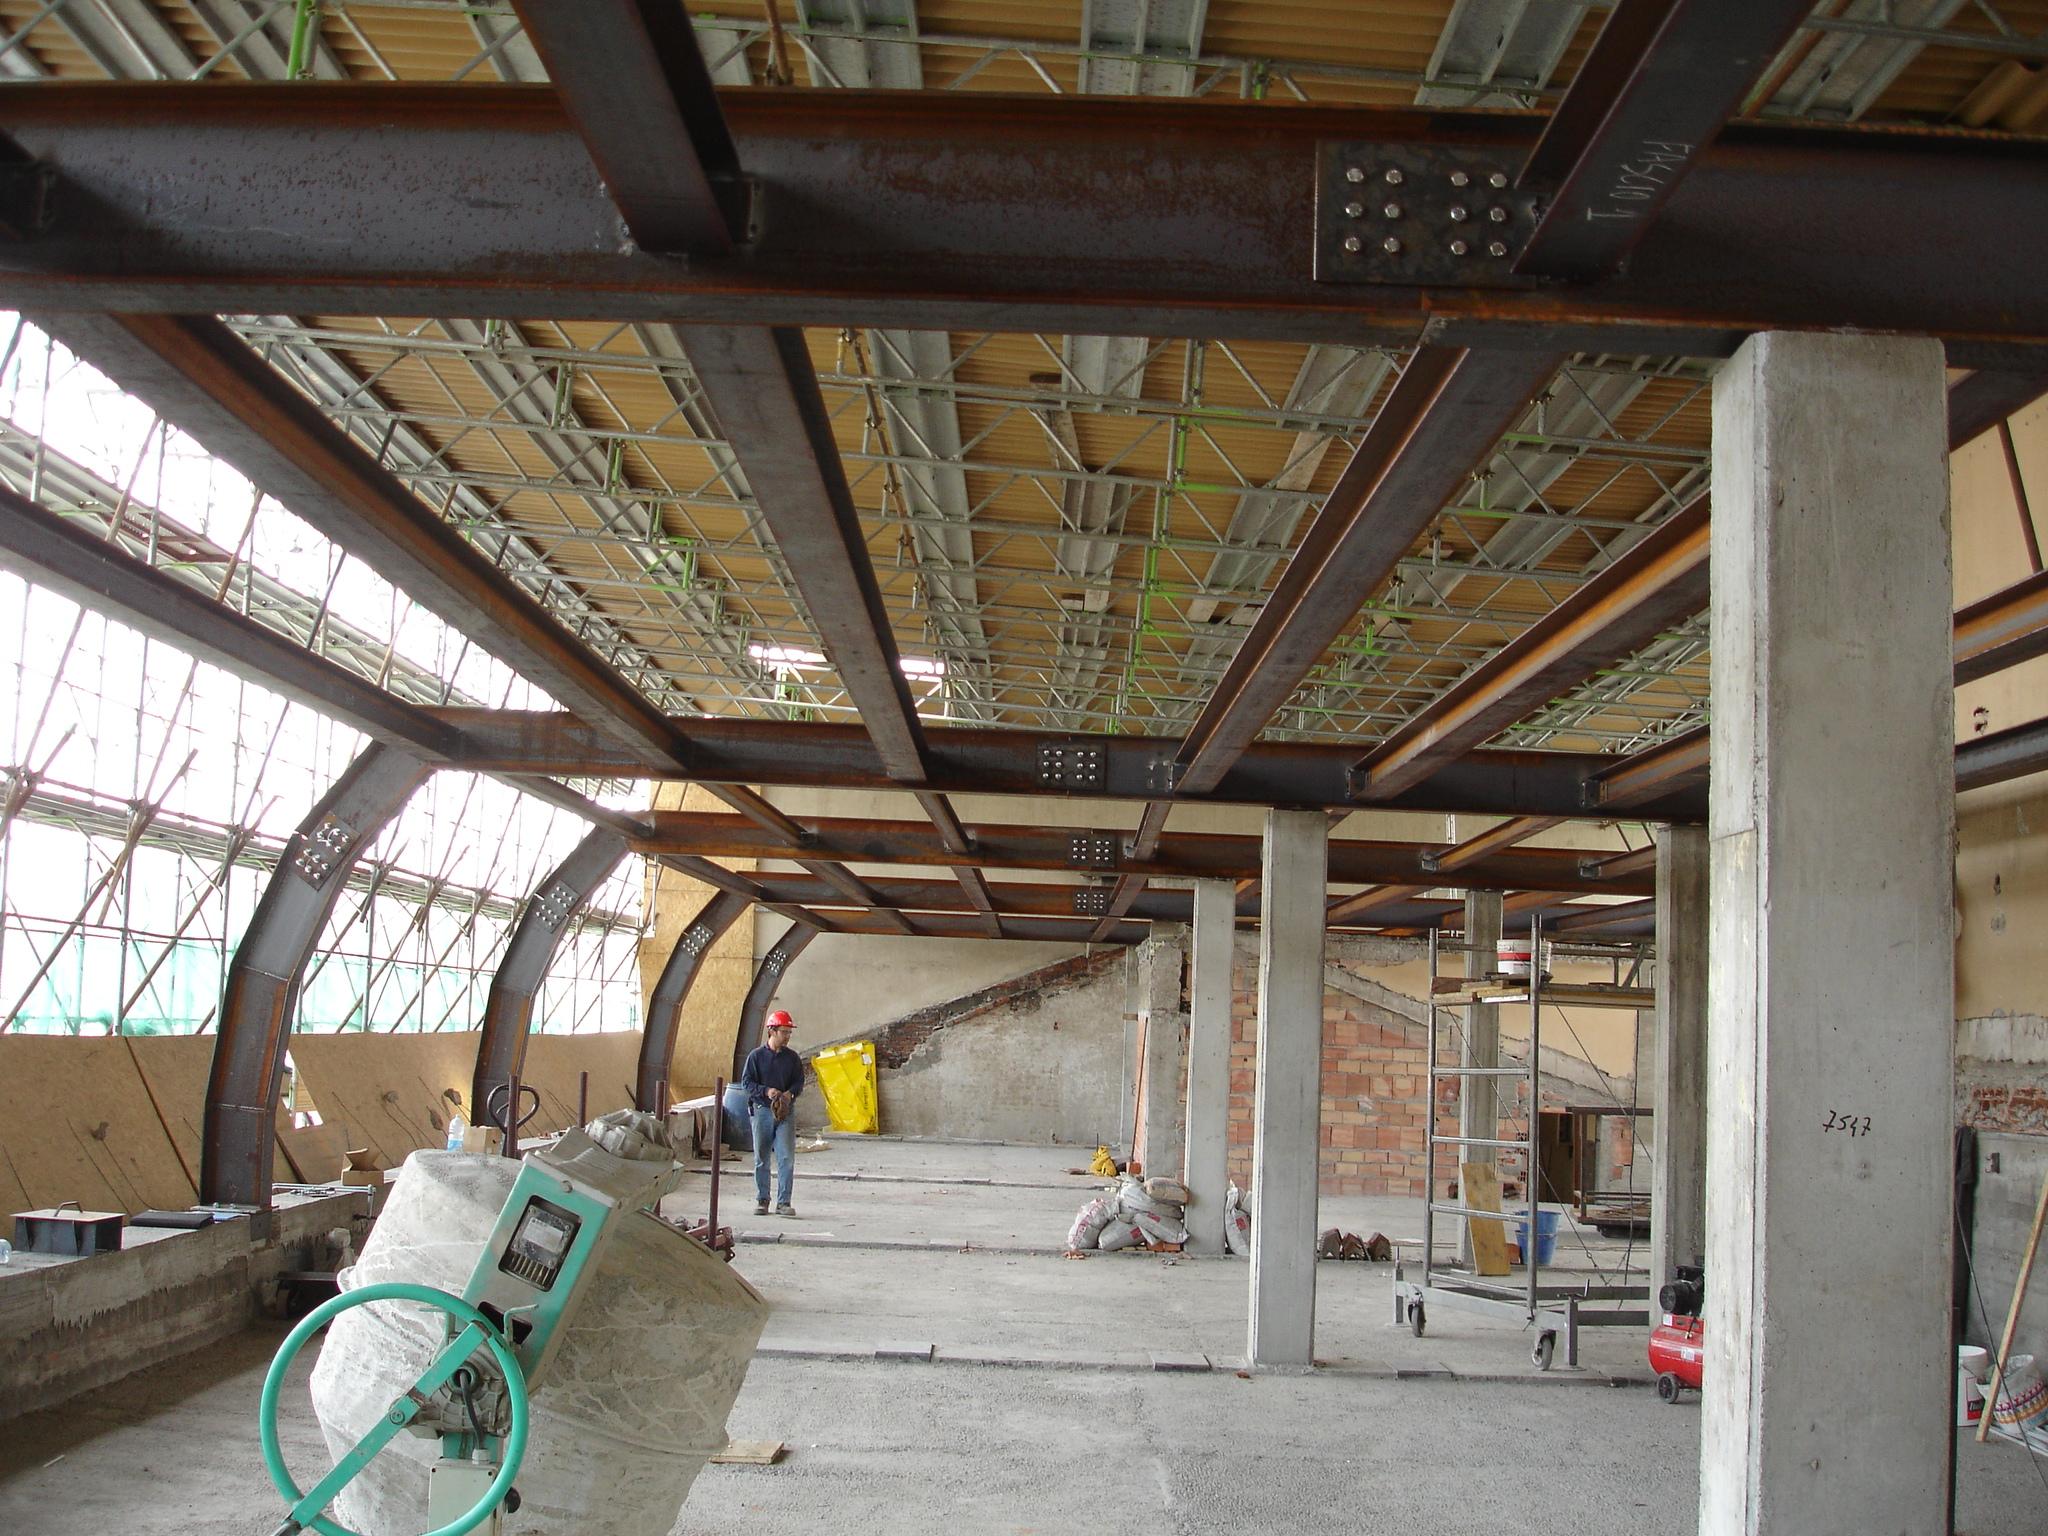 15N - Ricostruzione della struttura della copertura con capriate sagomate e travetti in acciaio